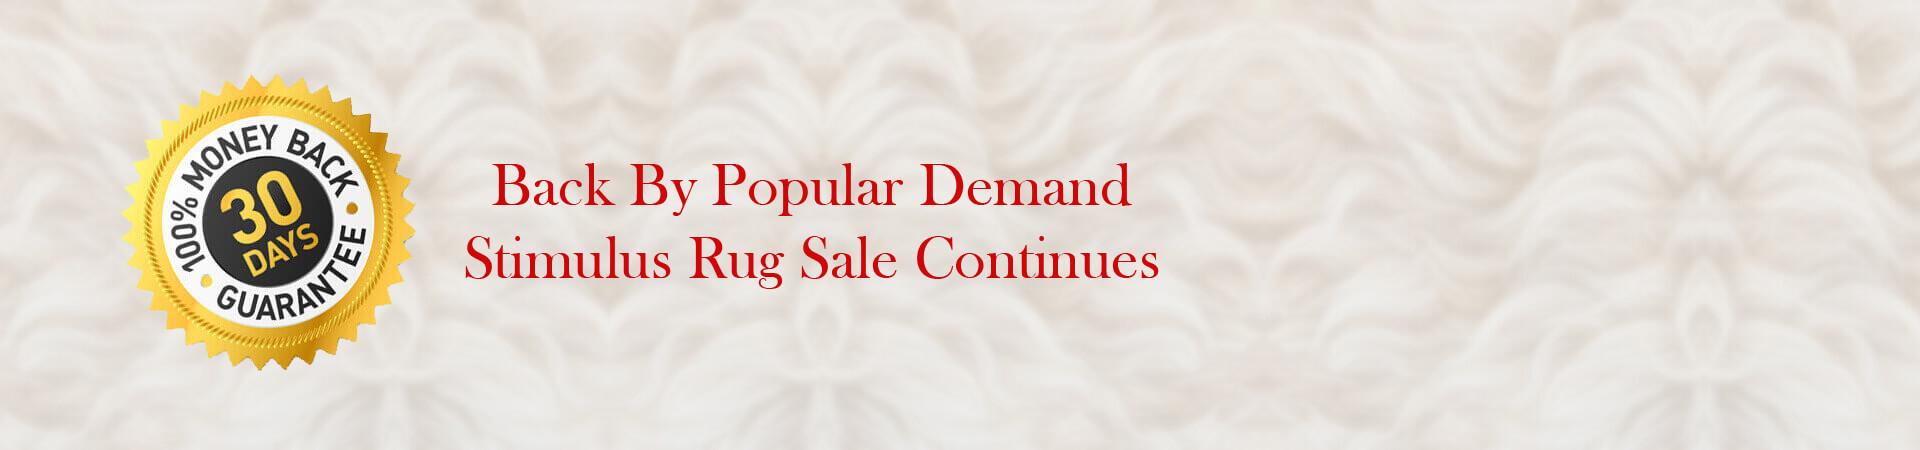 Stimulus Rug Sale